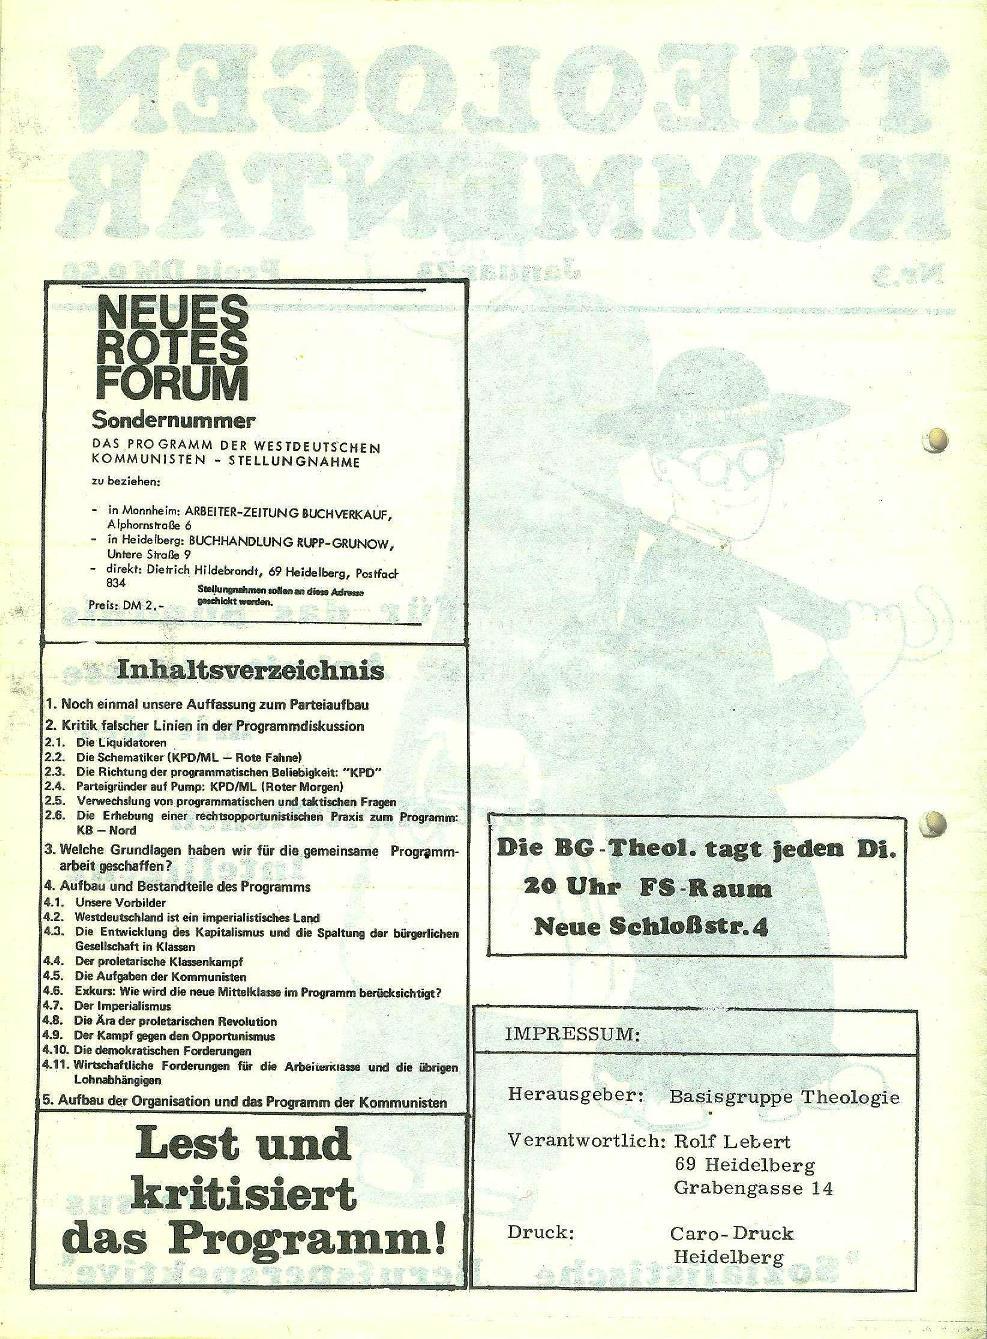 Heidelberg_Theologie_1973_03_02